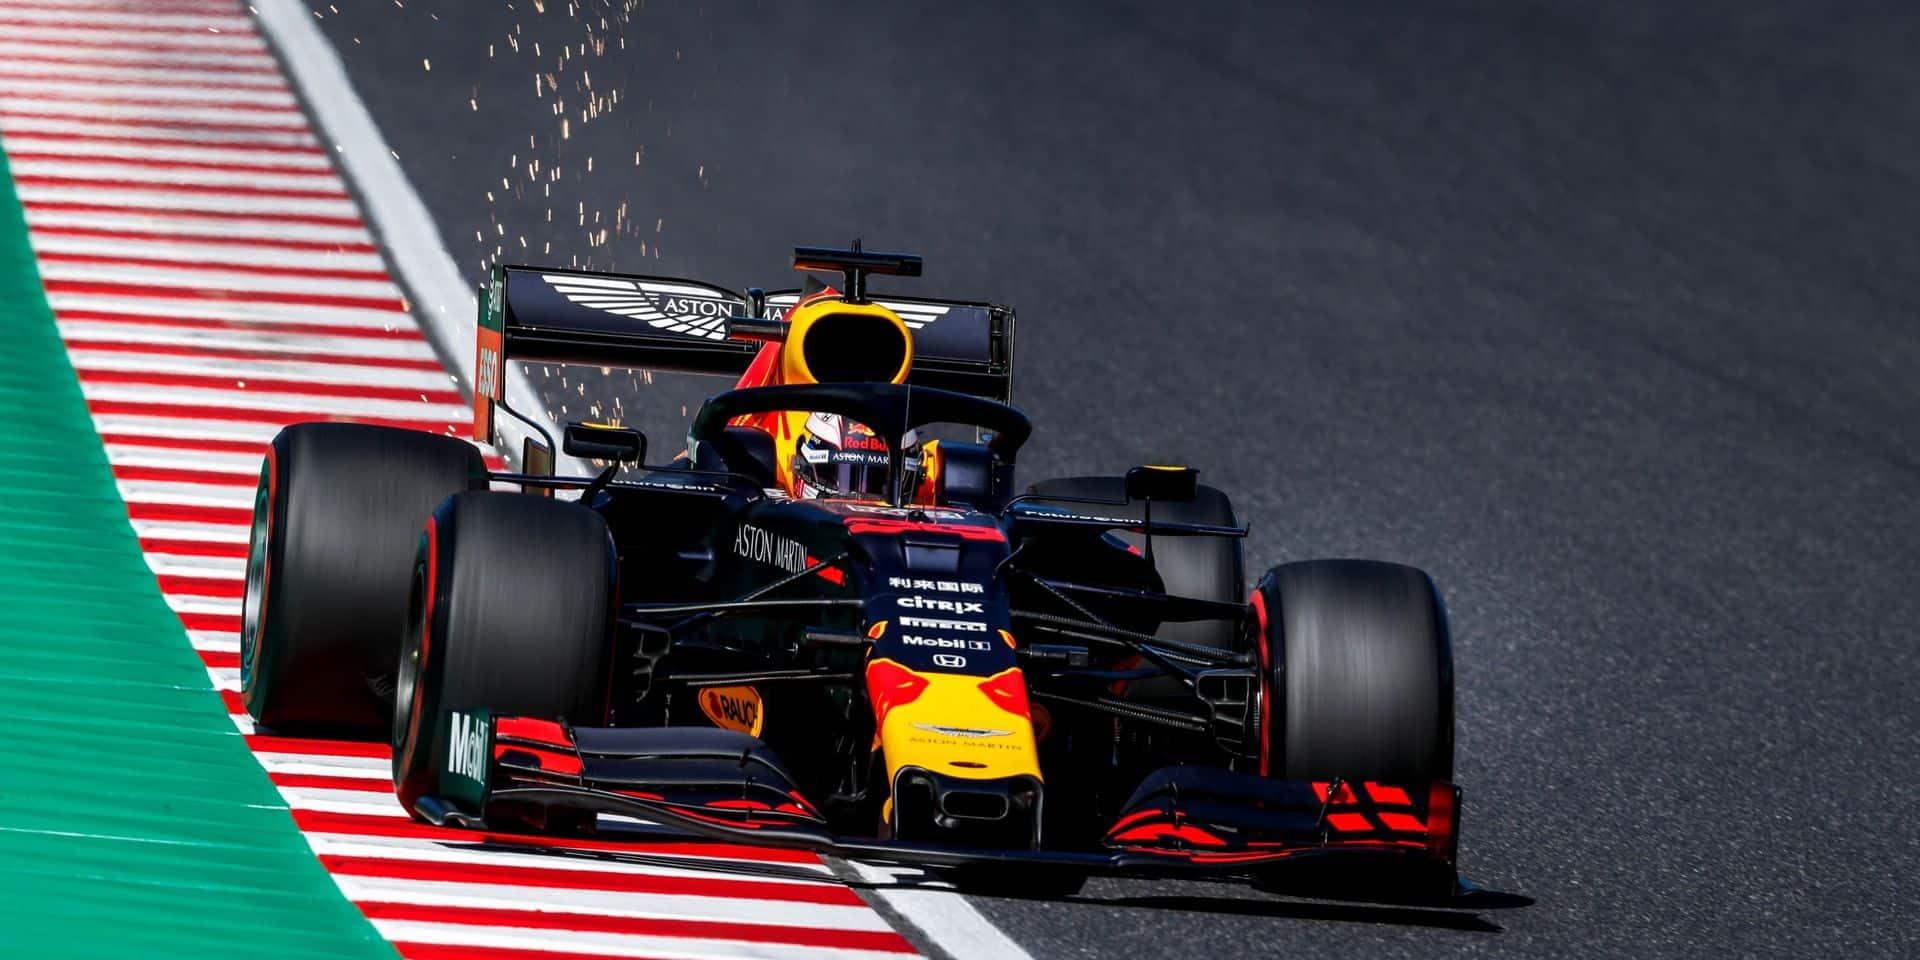 GP du Mexique: Verstappen en pole position, Bottas part à la faute